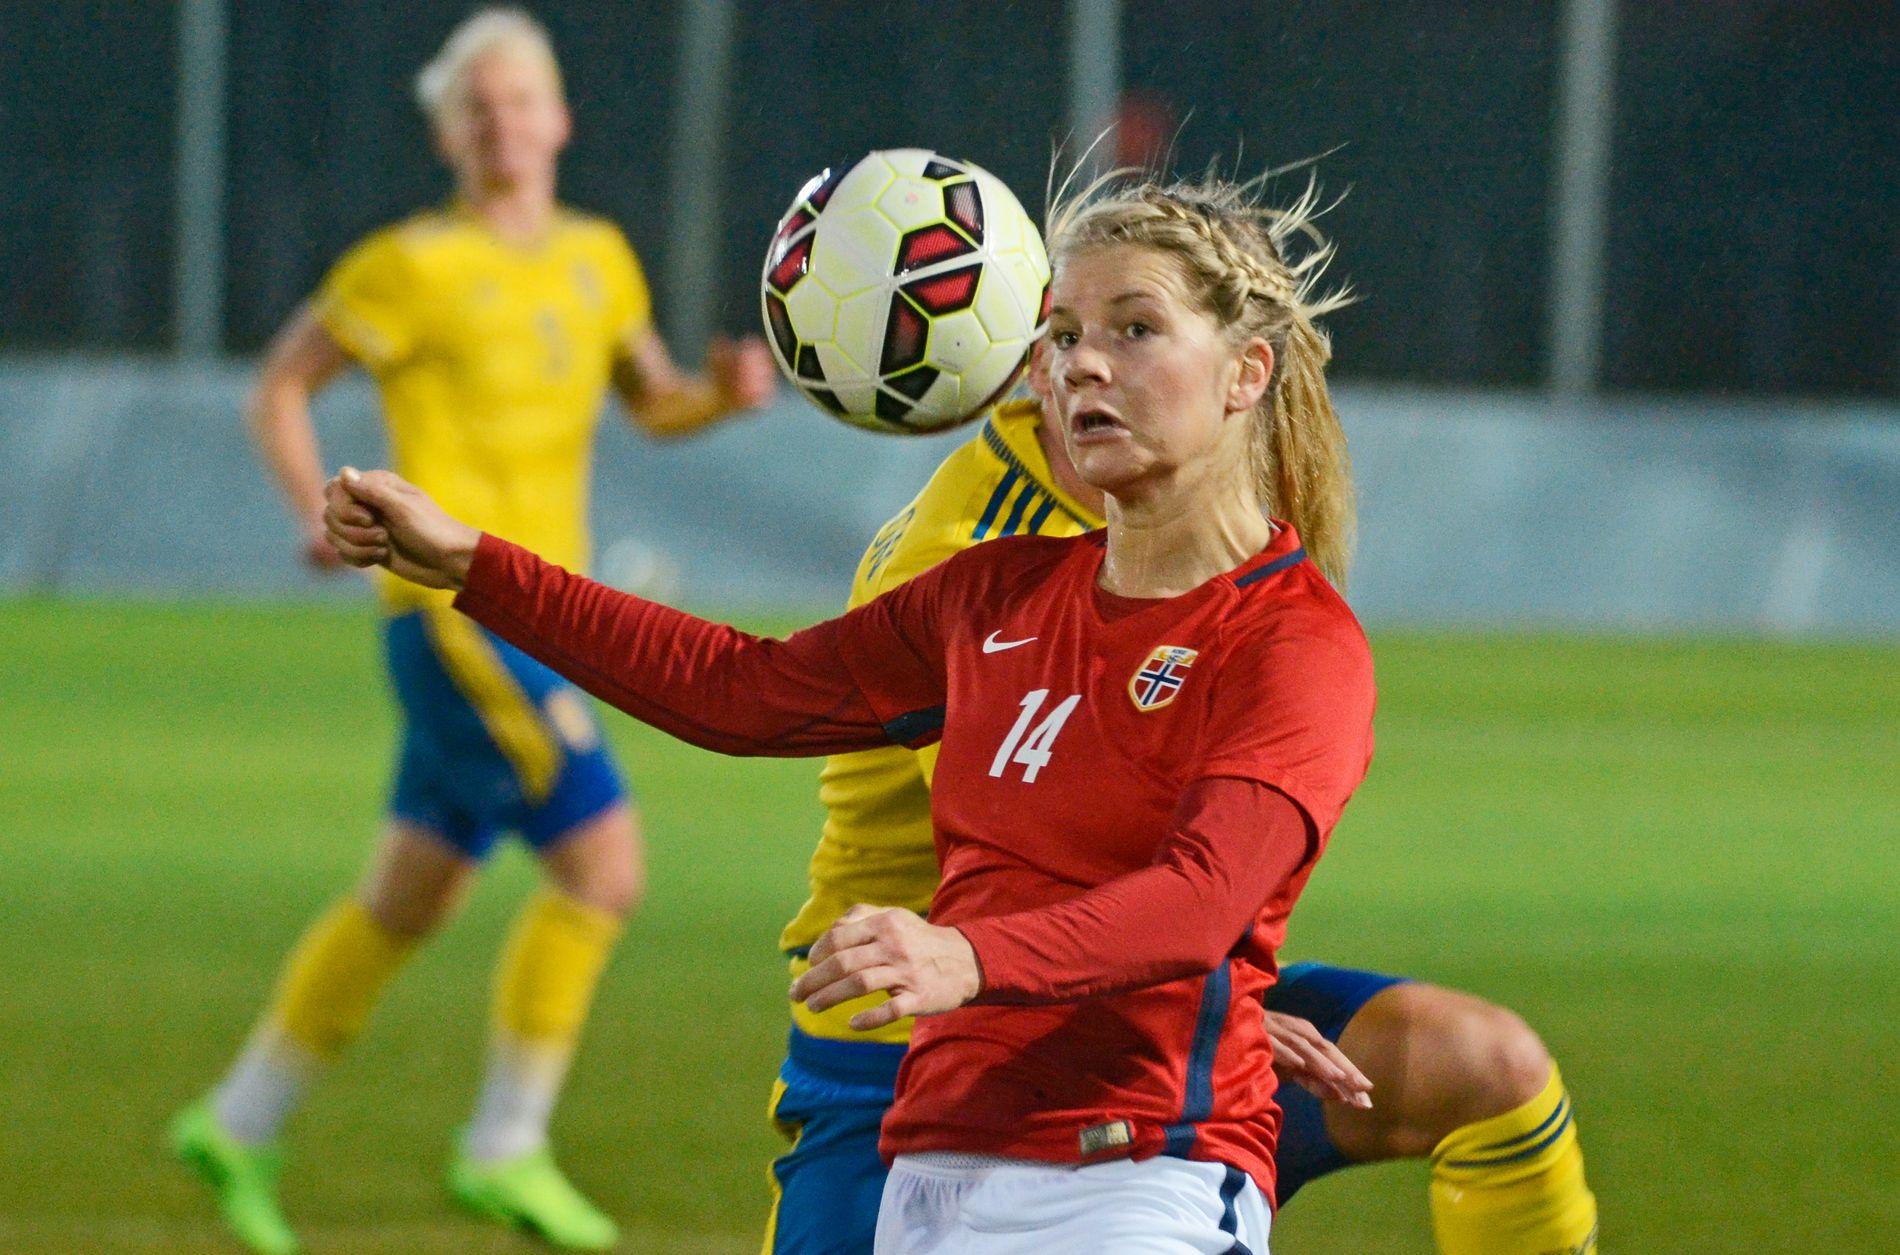 BLIR IKKE GJENSYN: Ada Hegerberg i aksjon for Norge mot Sverige i La Manga i januar 2017. Hun åpner ikke for landslagsspill igjen.